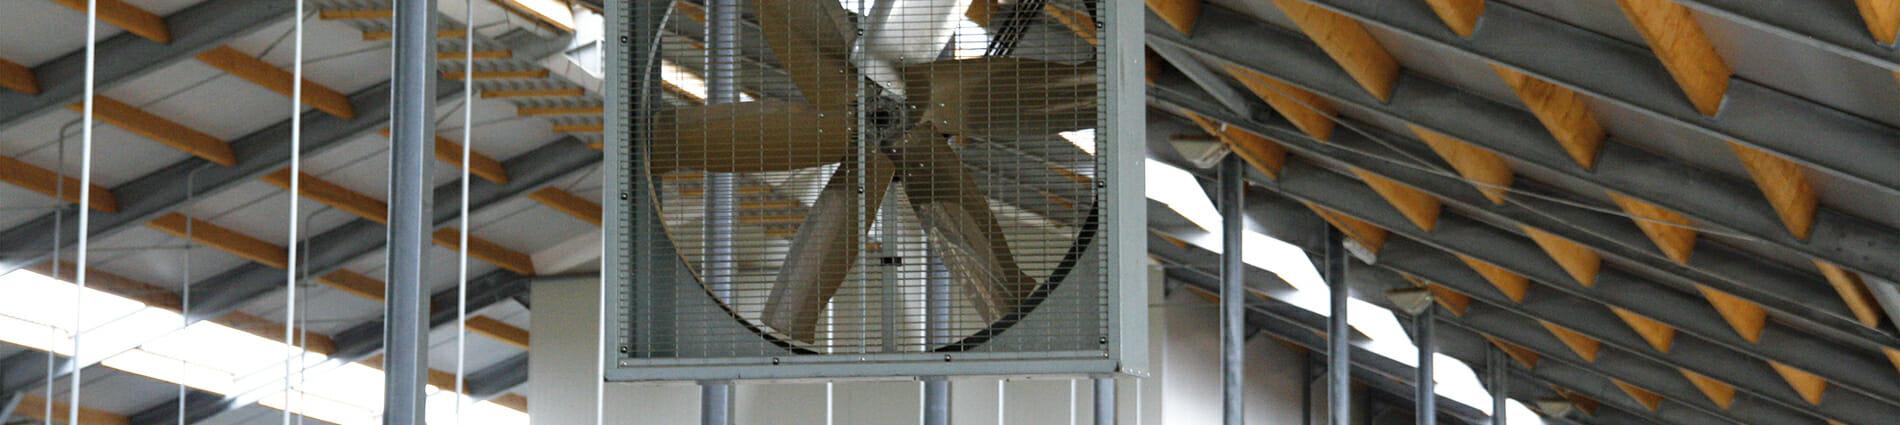 L'importance de la ventilation en élevage